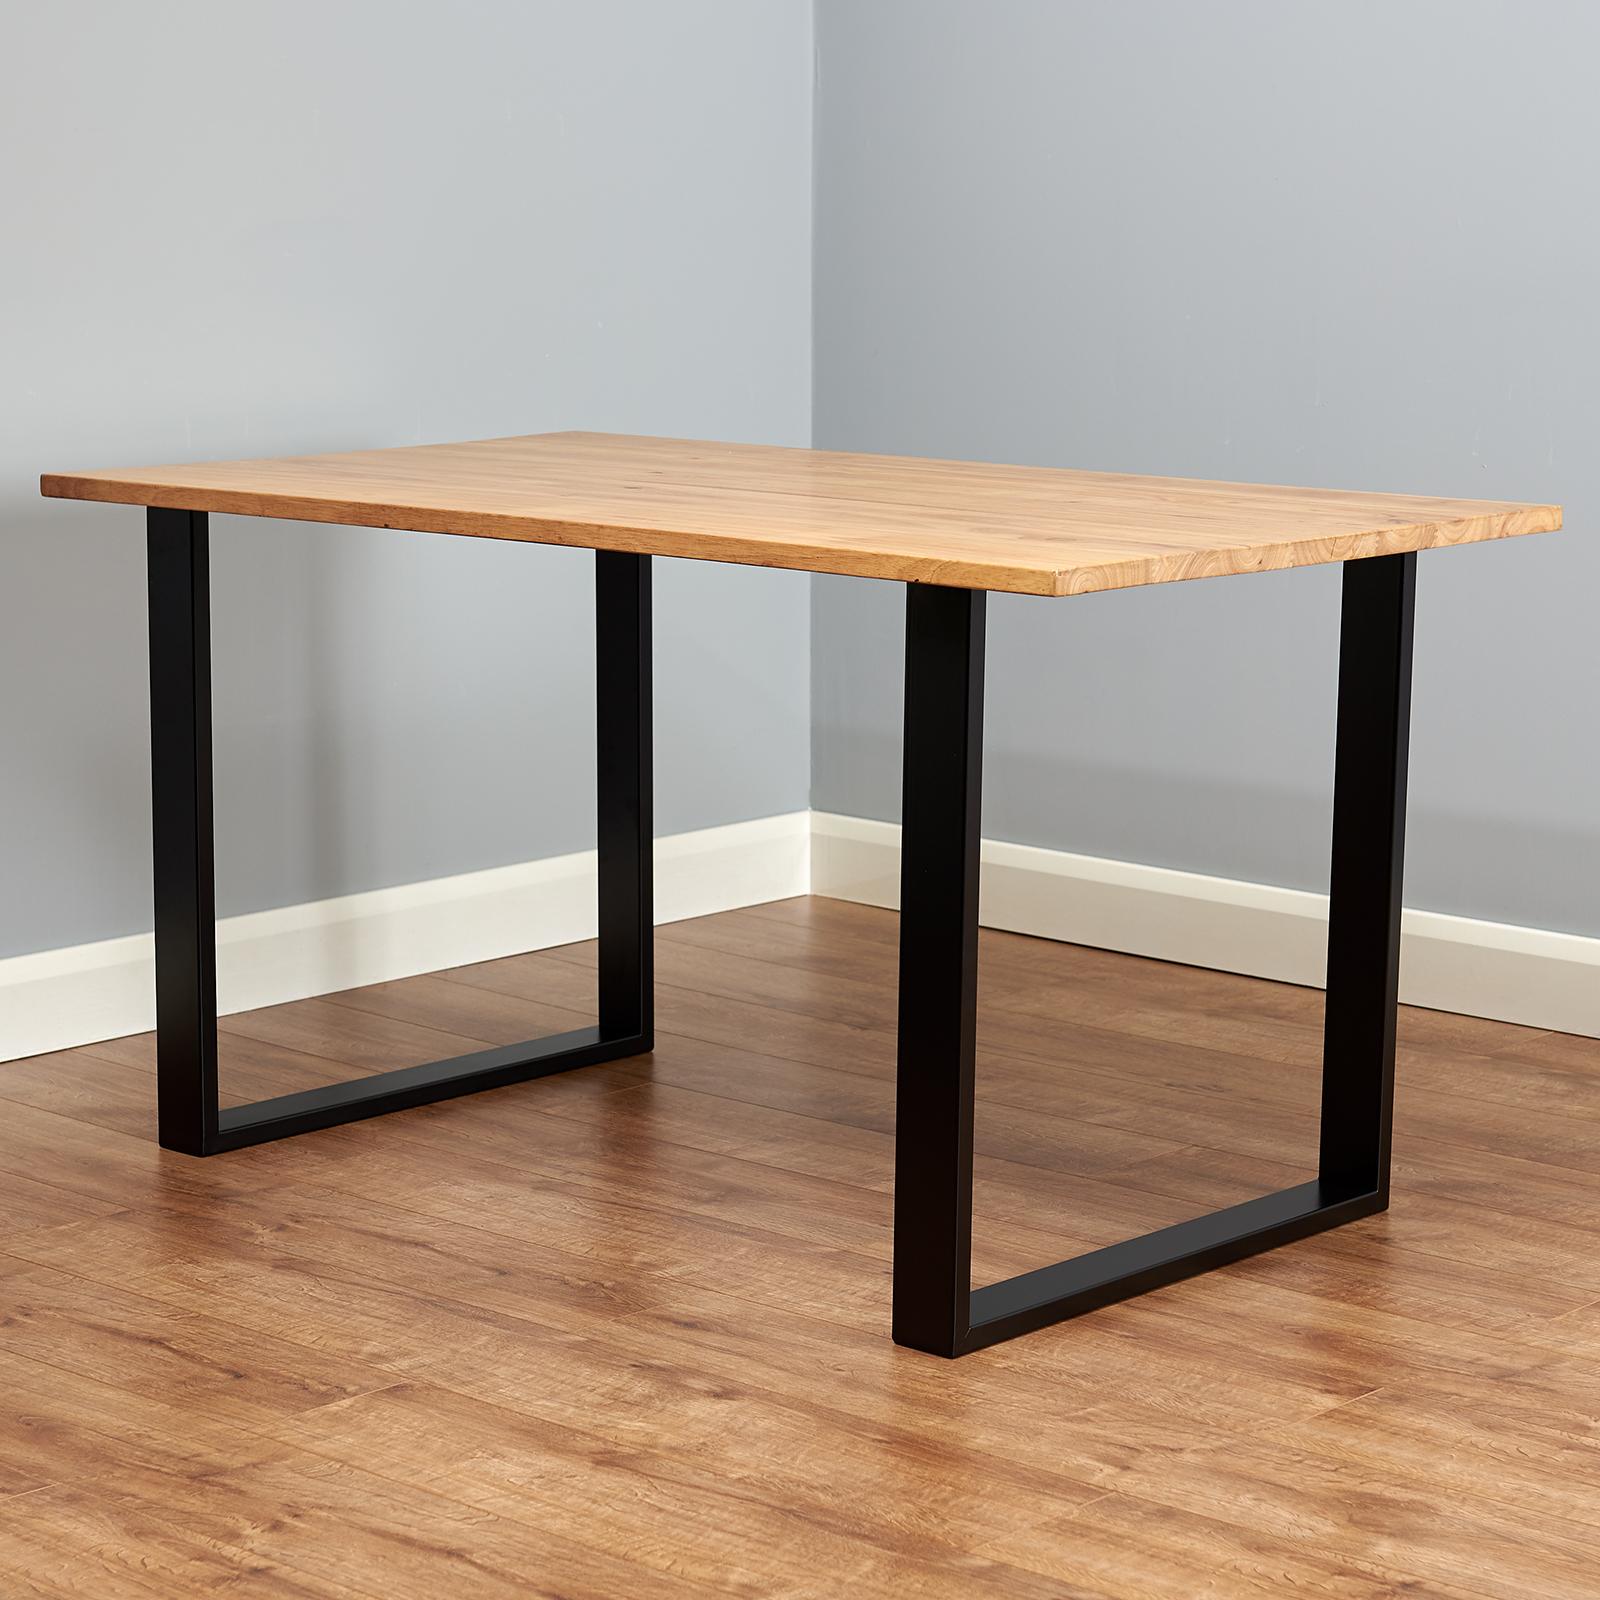 Table À Manger Industrielle détails sur lot de 2 industriel en métal carré pieds de table salle à  manger/table/bureau/bureau vente #457- afficher le titre d'origine